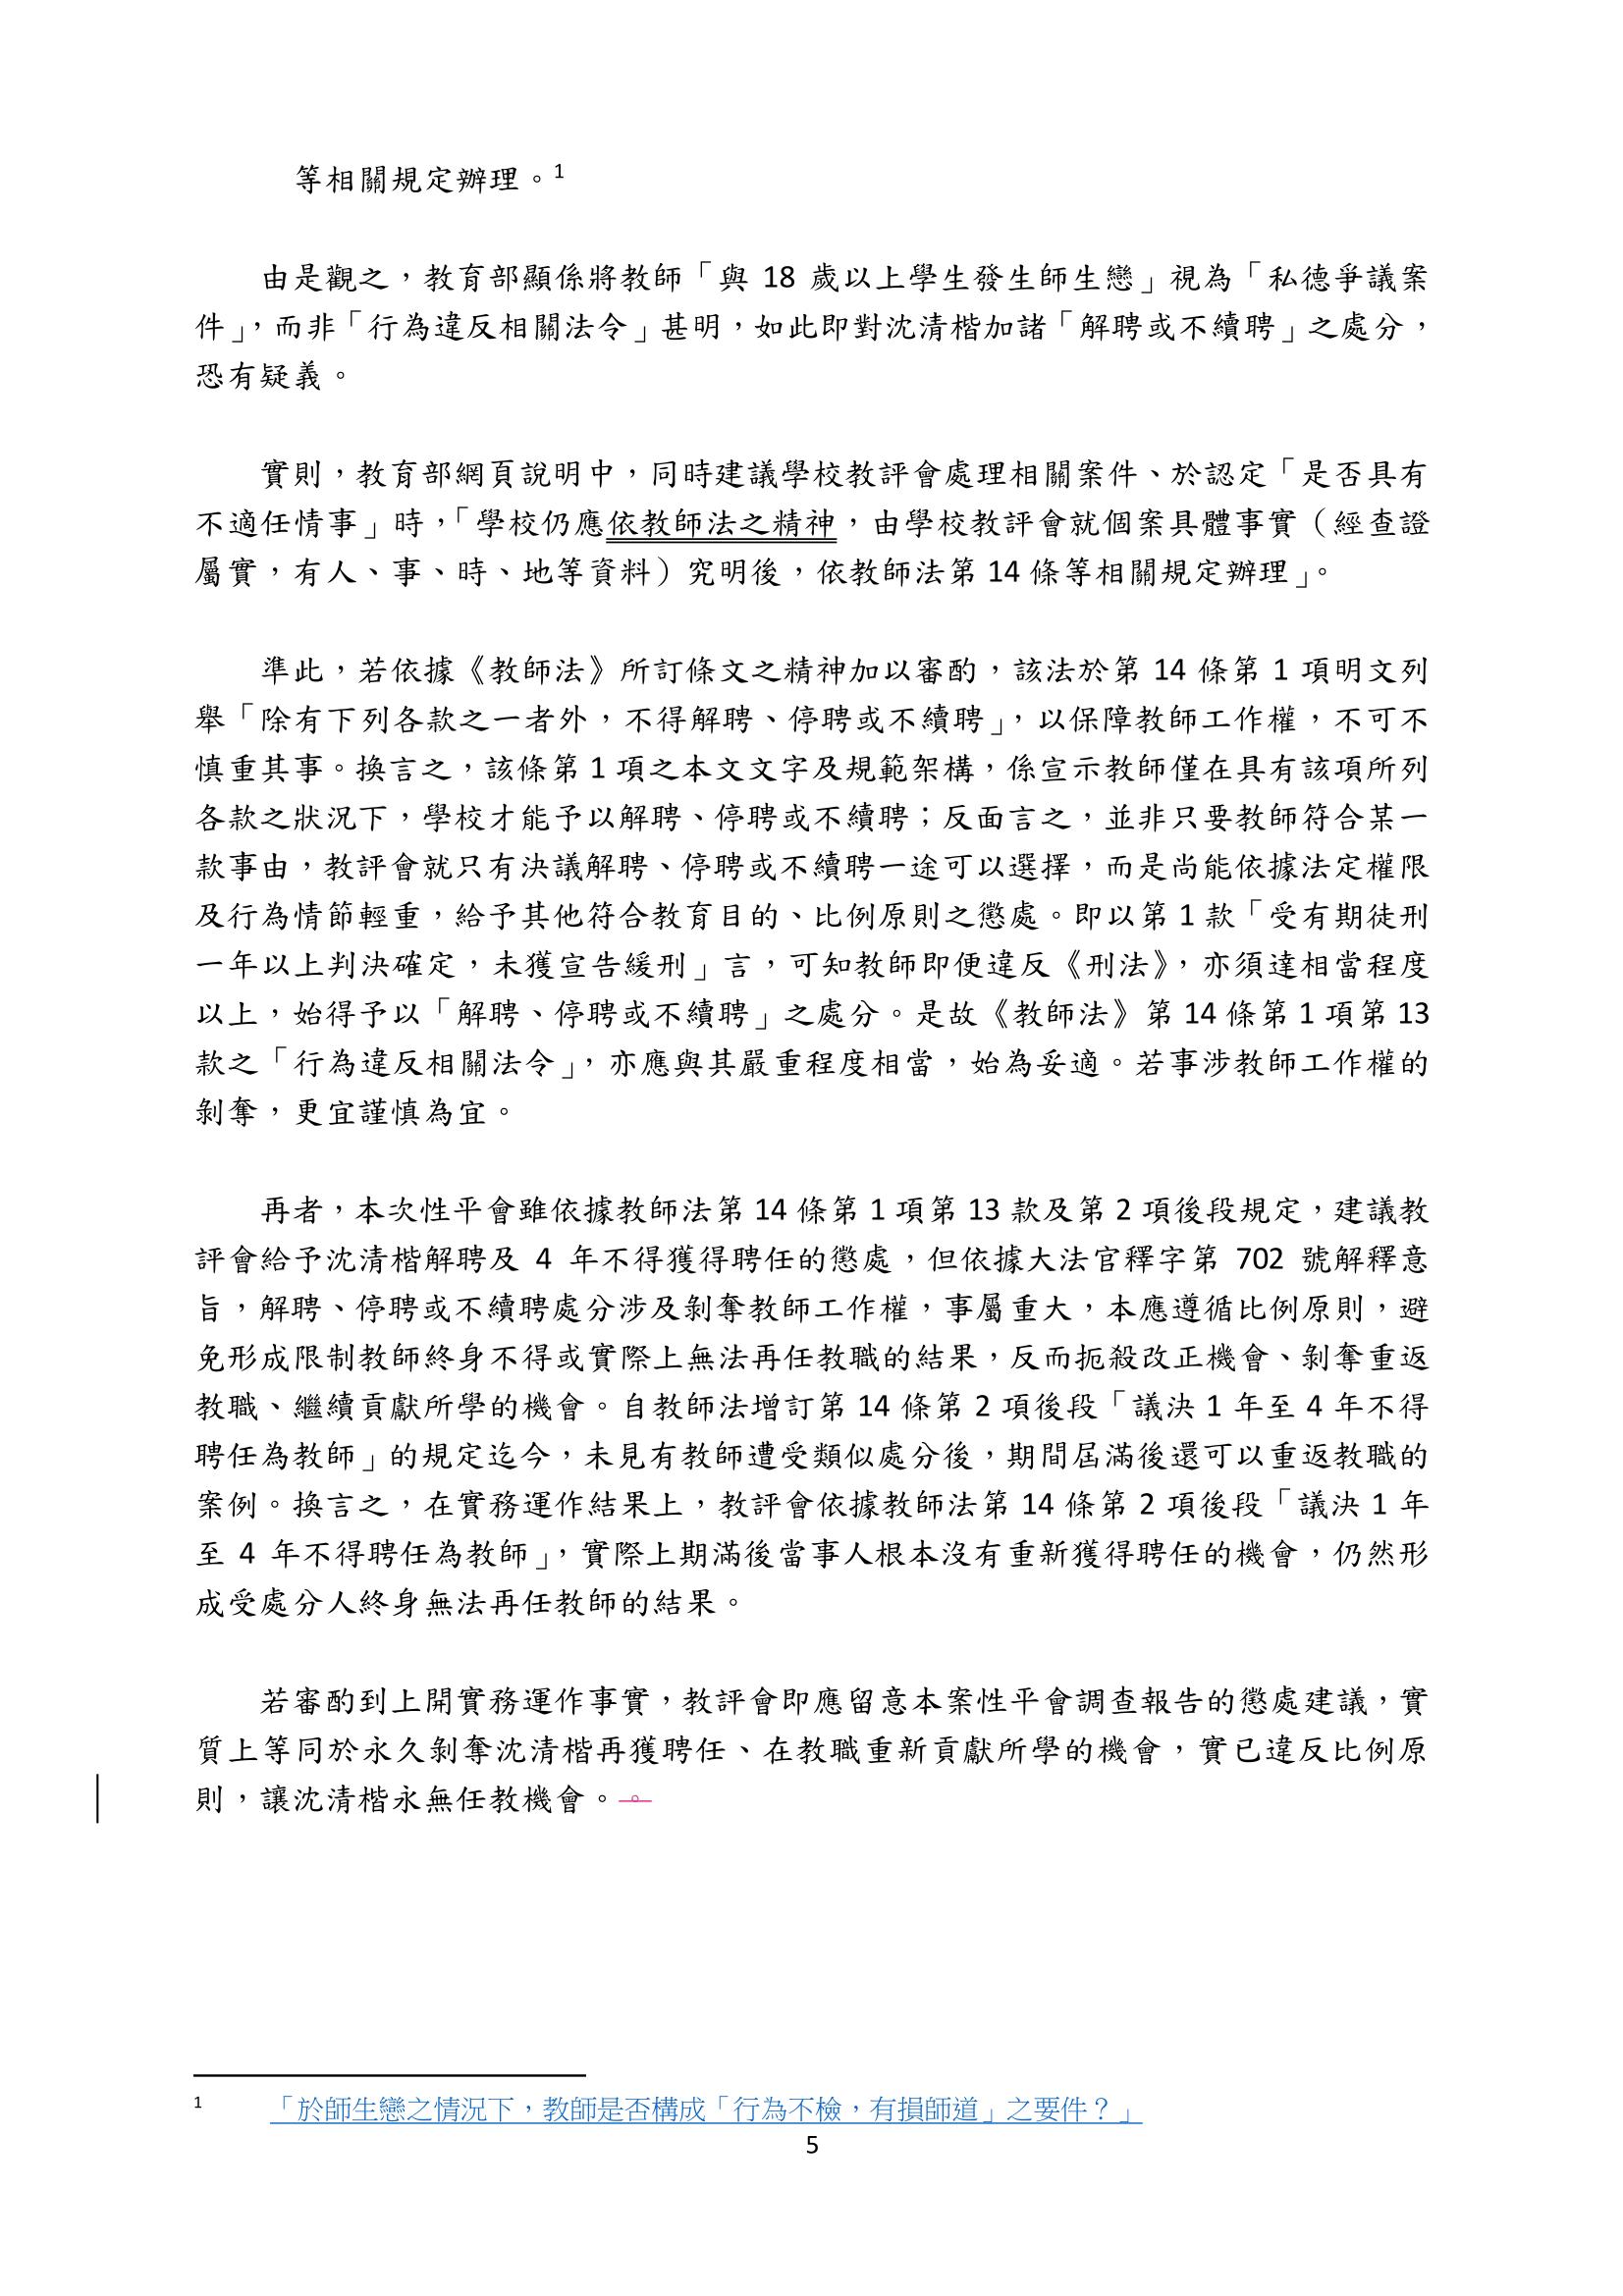 20190626致教評會意見陳述書-5.png